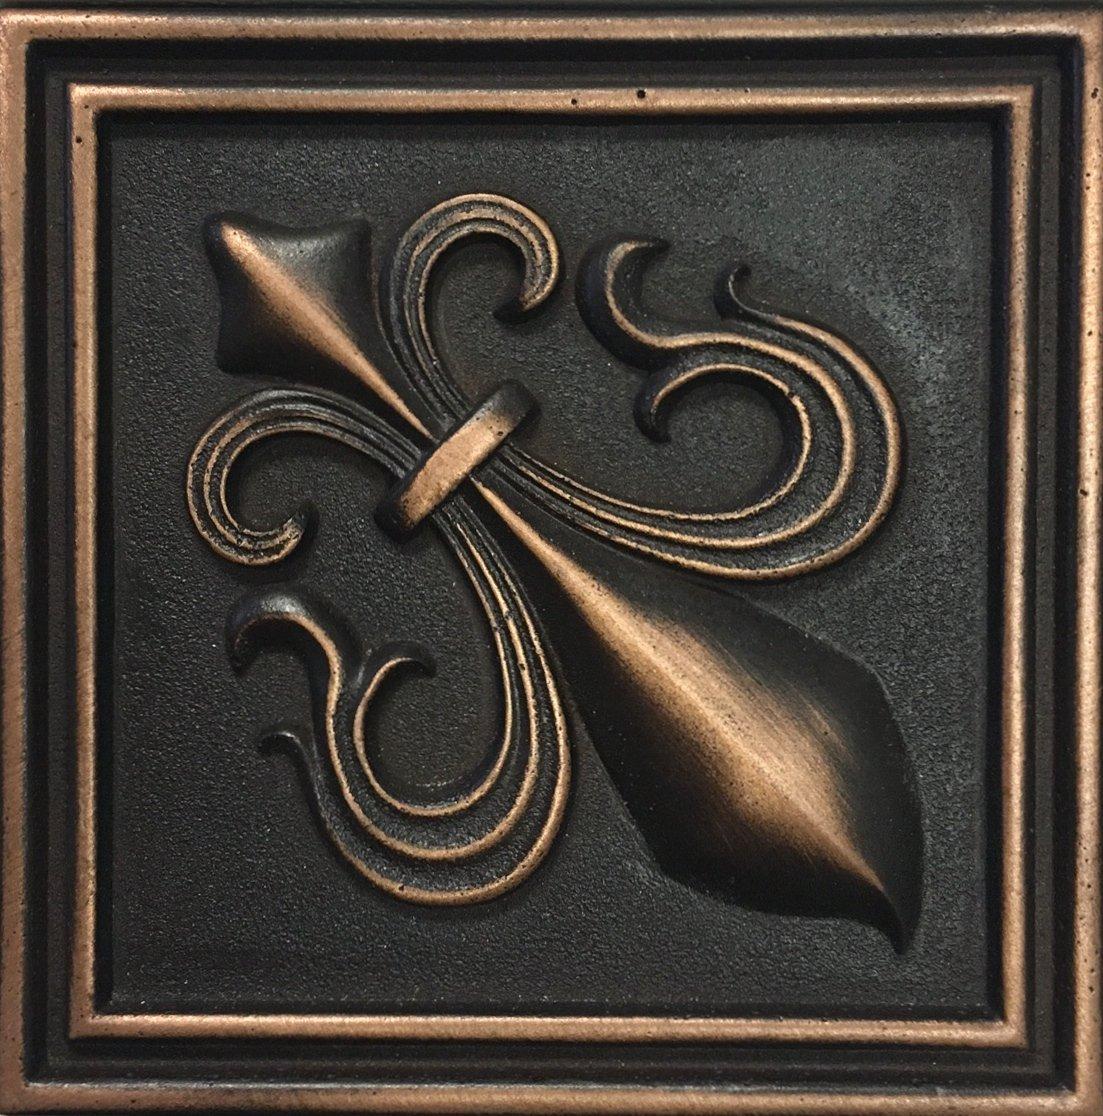 Fleur De Lis 4x4 Victorian Copper Bronze Resin Decorative Insert Accent Piece Tile